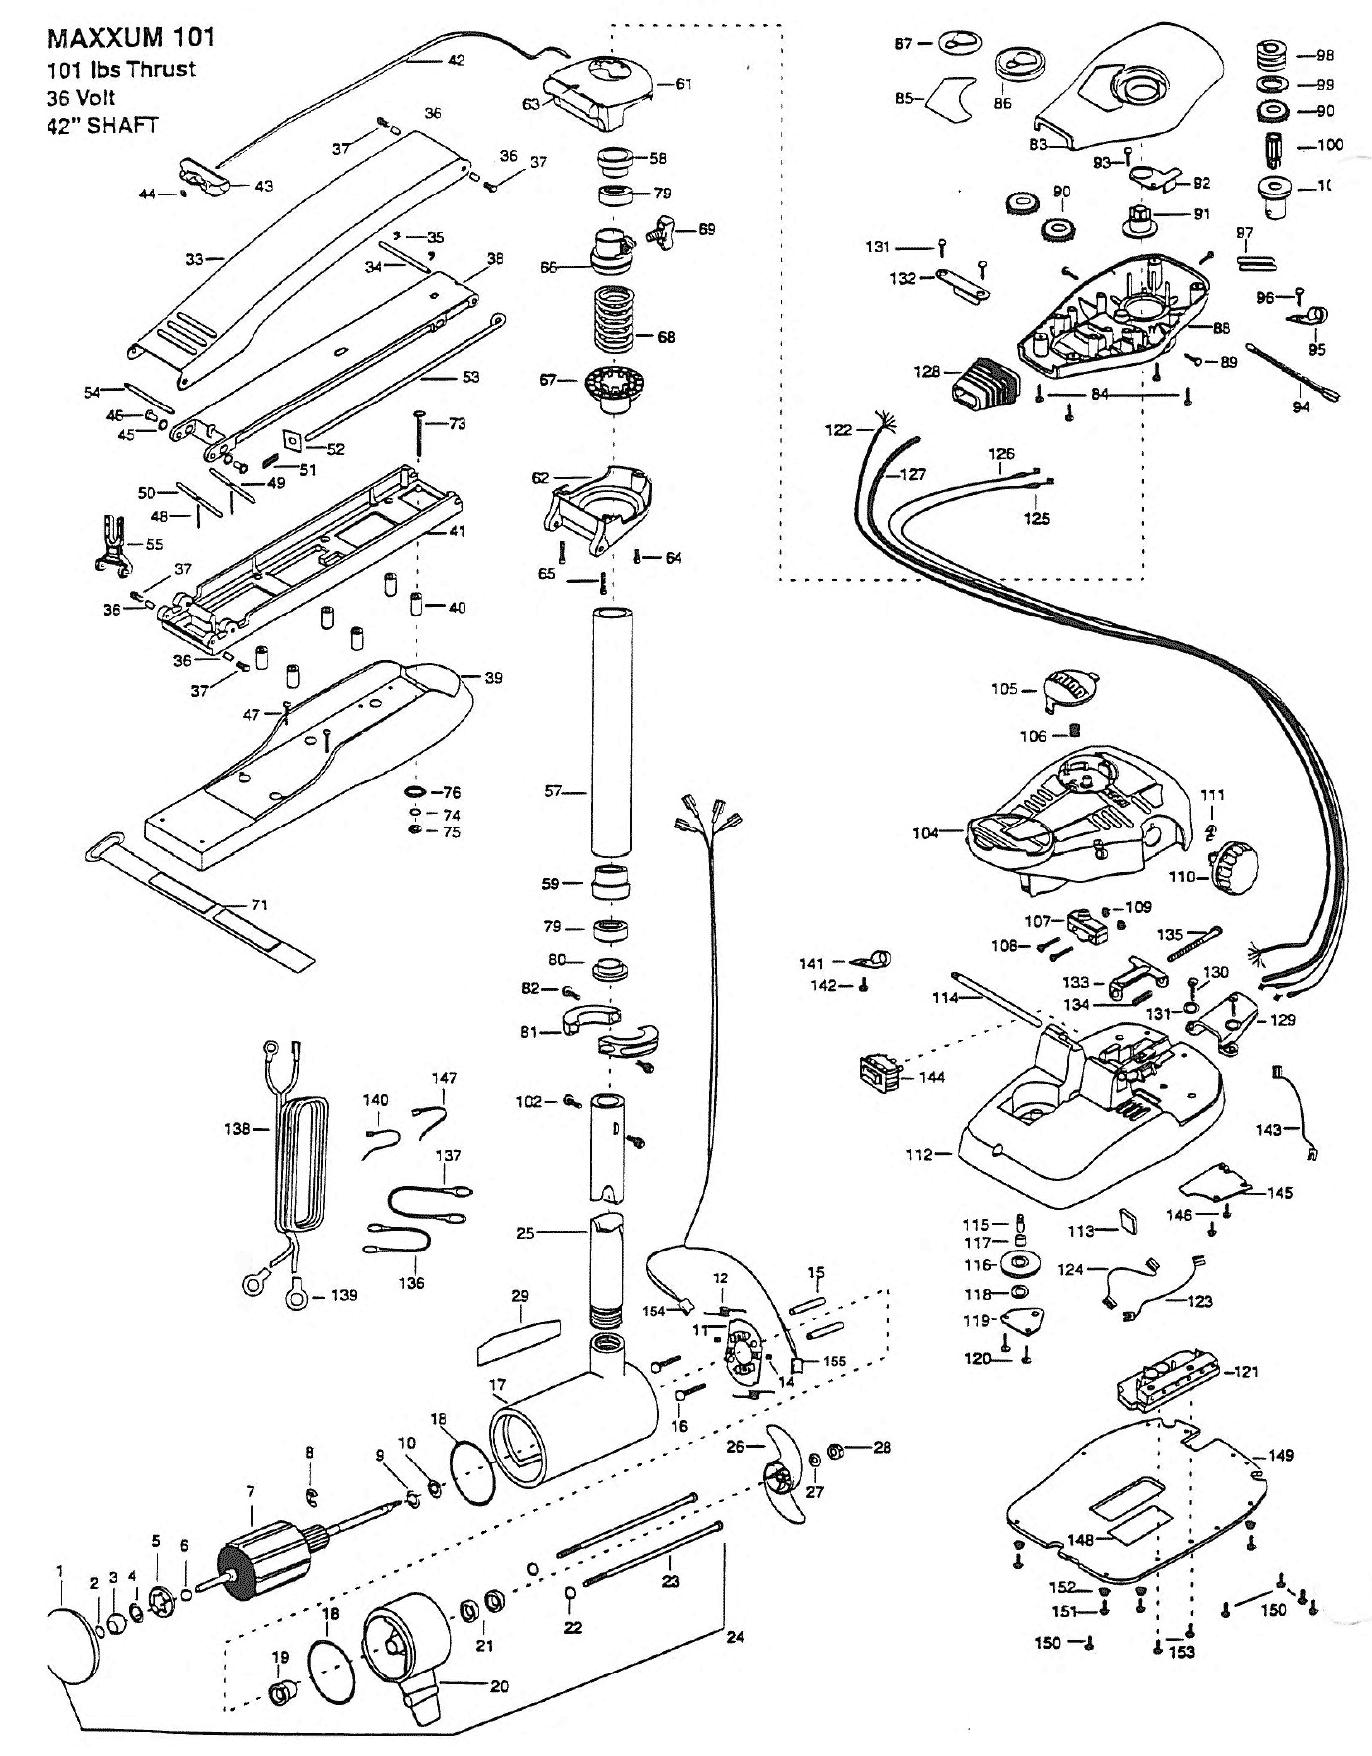 minn kota wiring diagram 24 volt solidfonts minn kota riptide wiring diagram diagrams